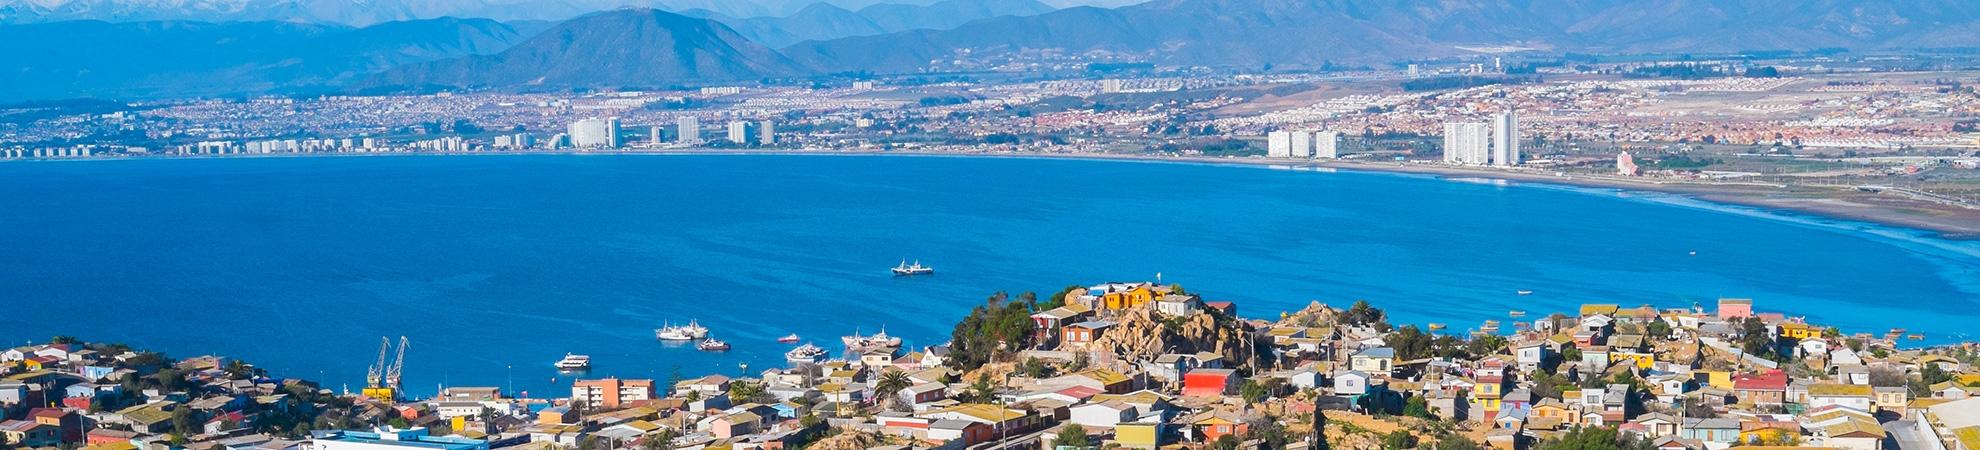 Voyage La Serena